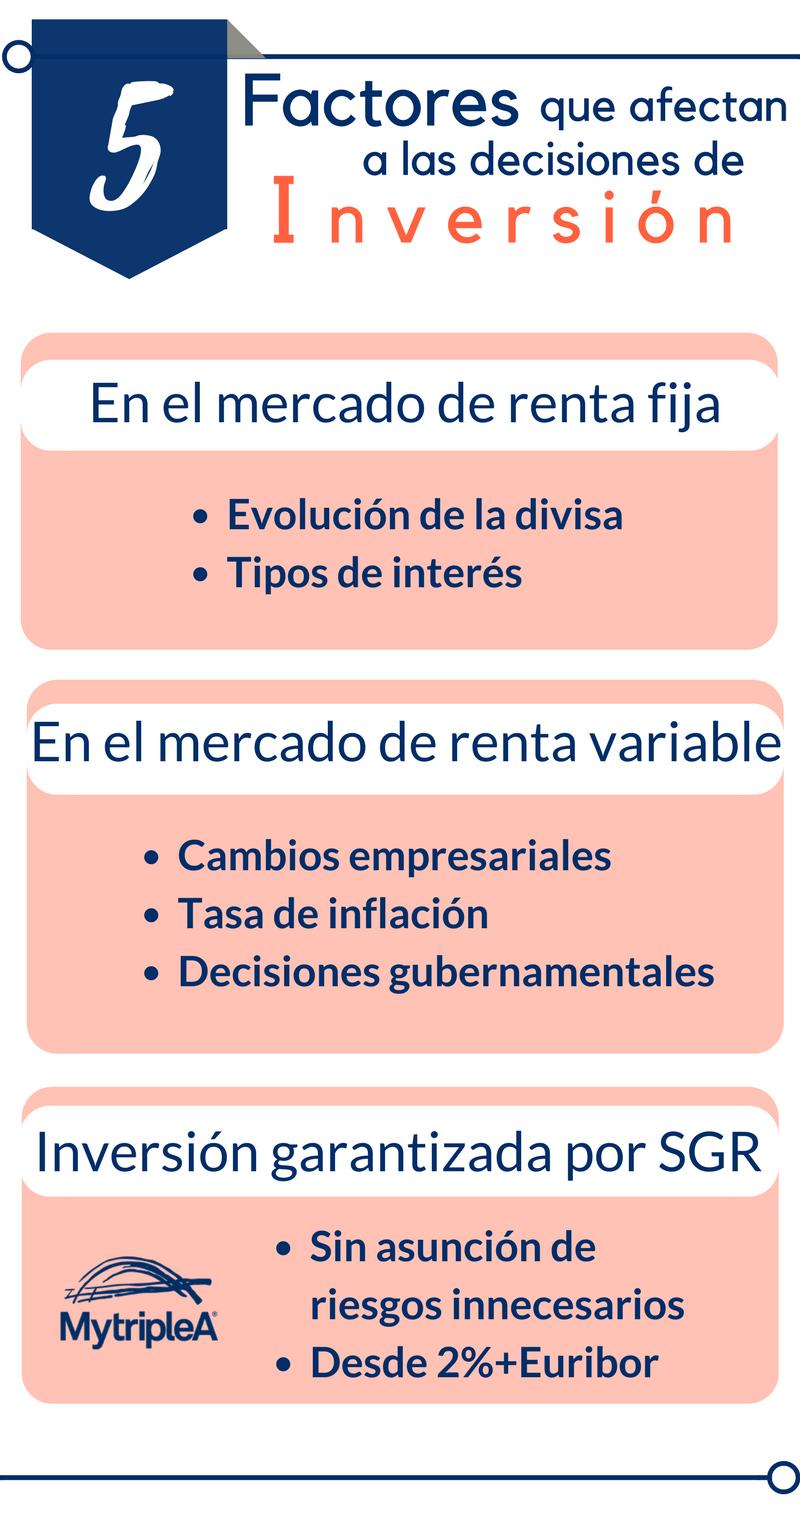 Infografía factores decisión inversión